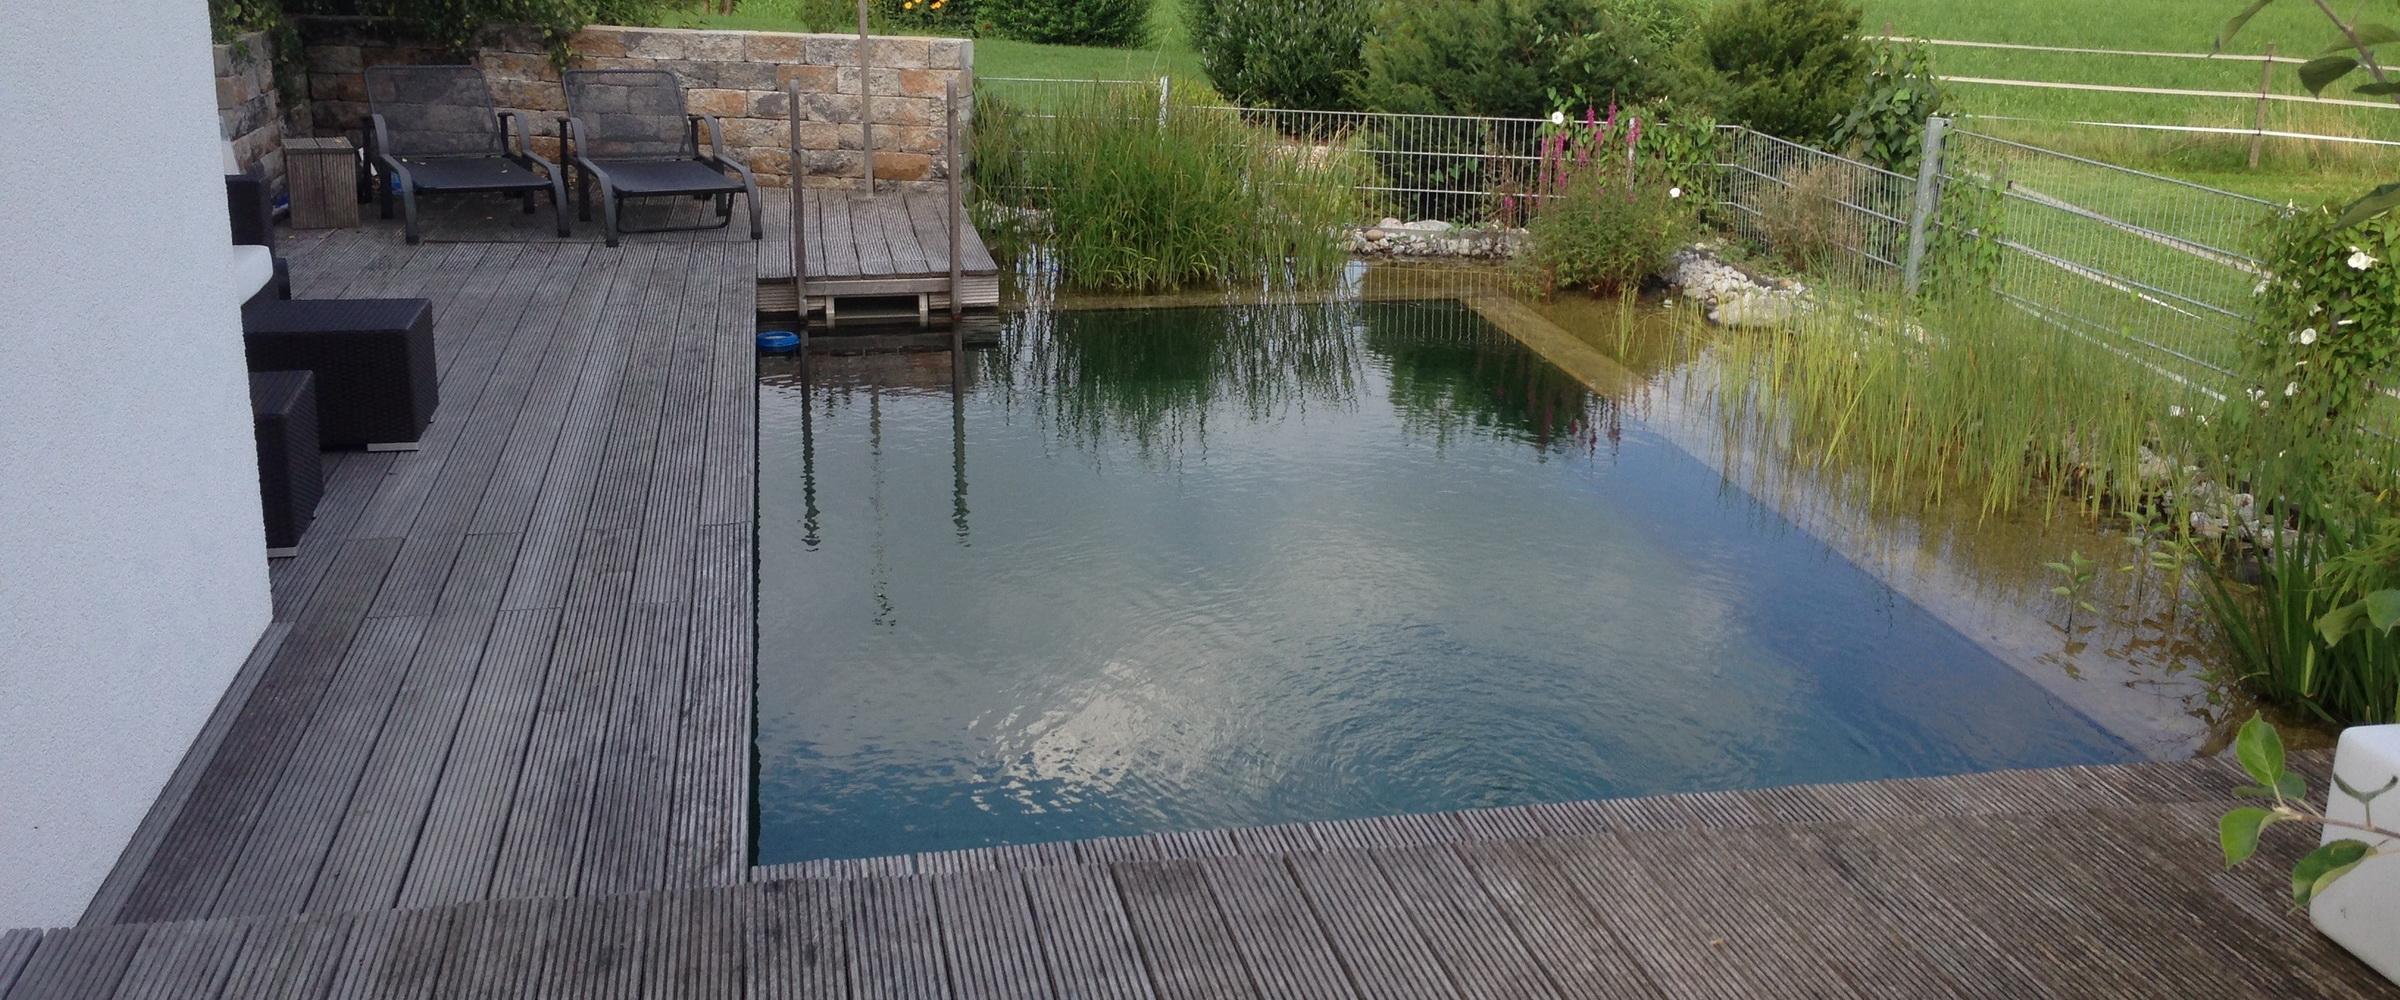 Ziehen Sie ein paar Bahnen in Ihrem natürlichen Schwimmteich